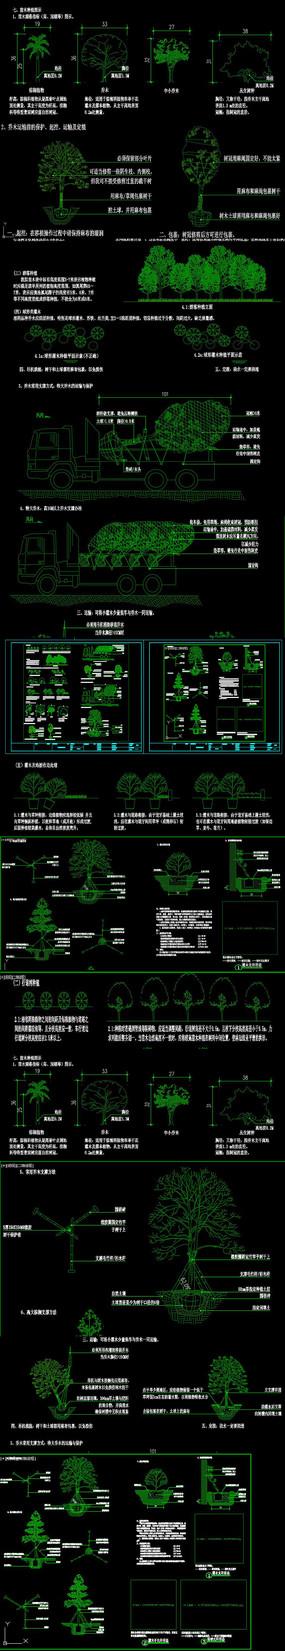 植物图例设计说明CAD图库